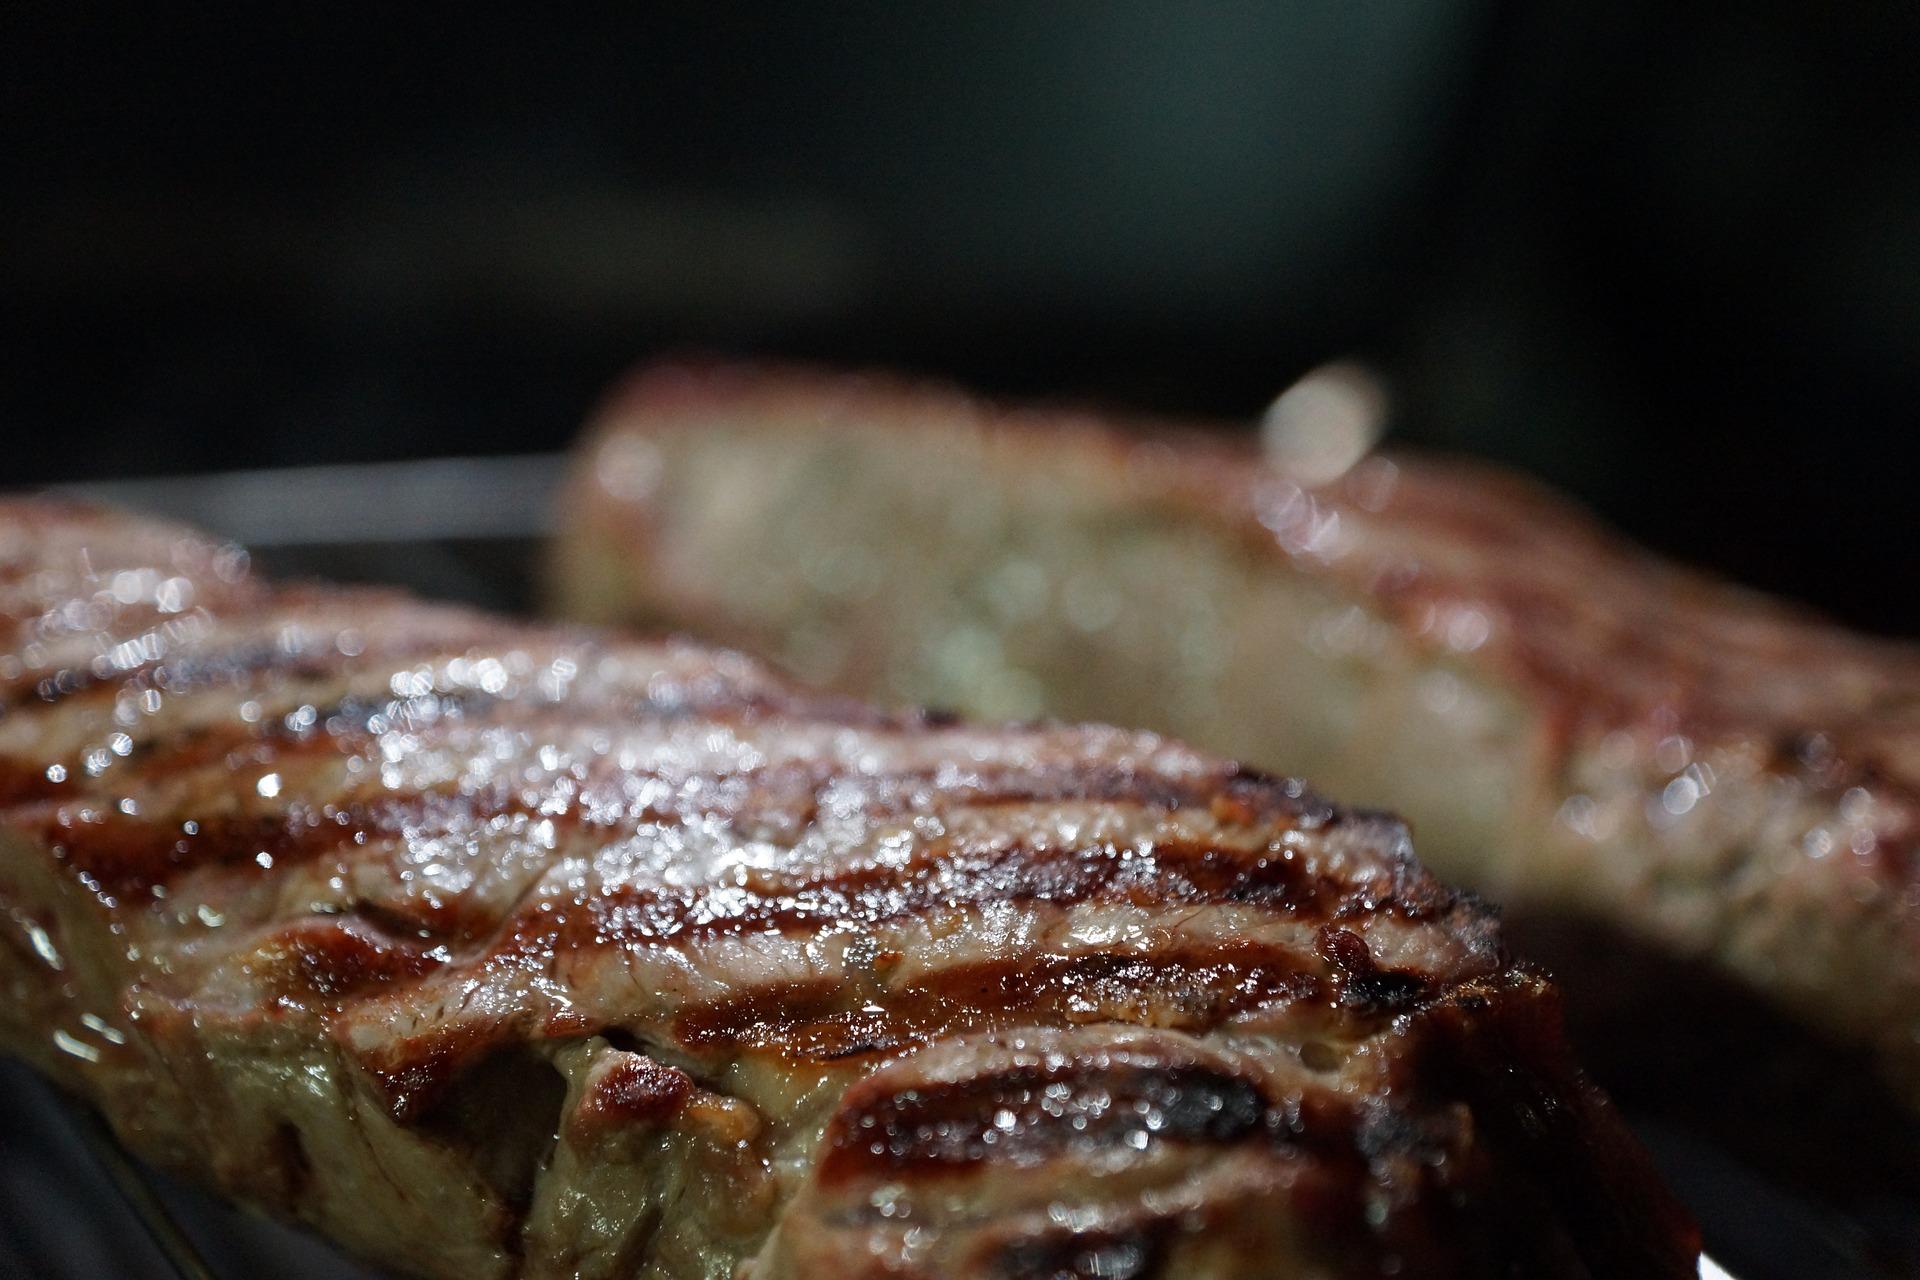 La viande est parfaite avec la cuisson au gaz naturel.